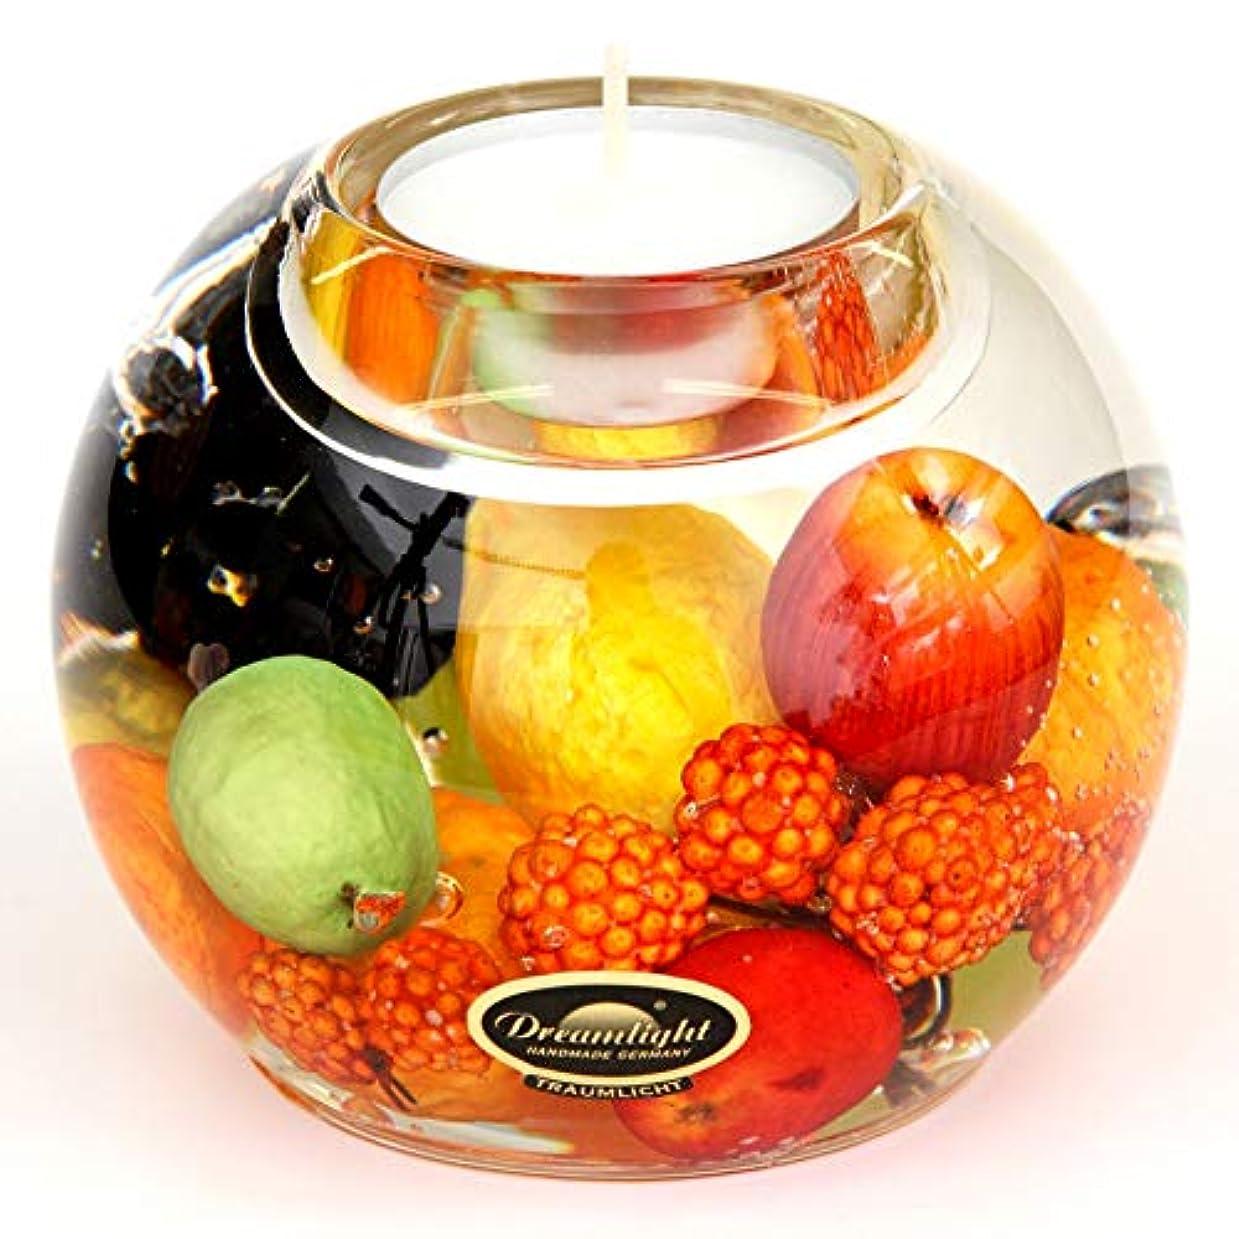 体系的にハングスリットドリームライト マーキュリー ハッピーフルーツ キャンドルホルダー ガラス キャンドルスタンド